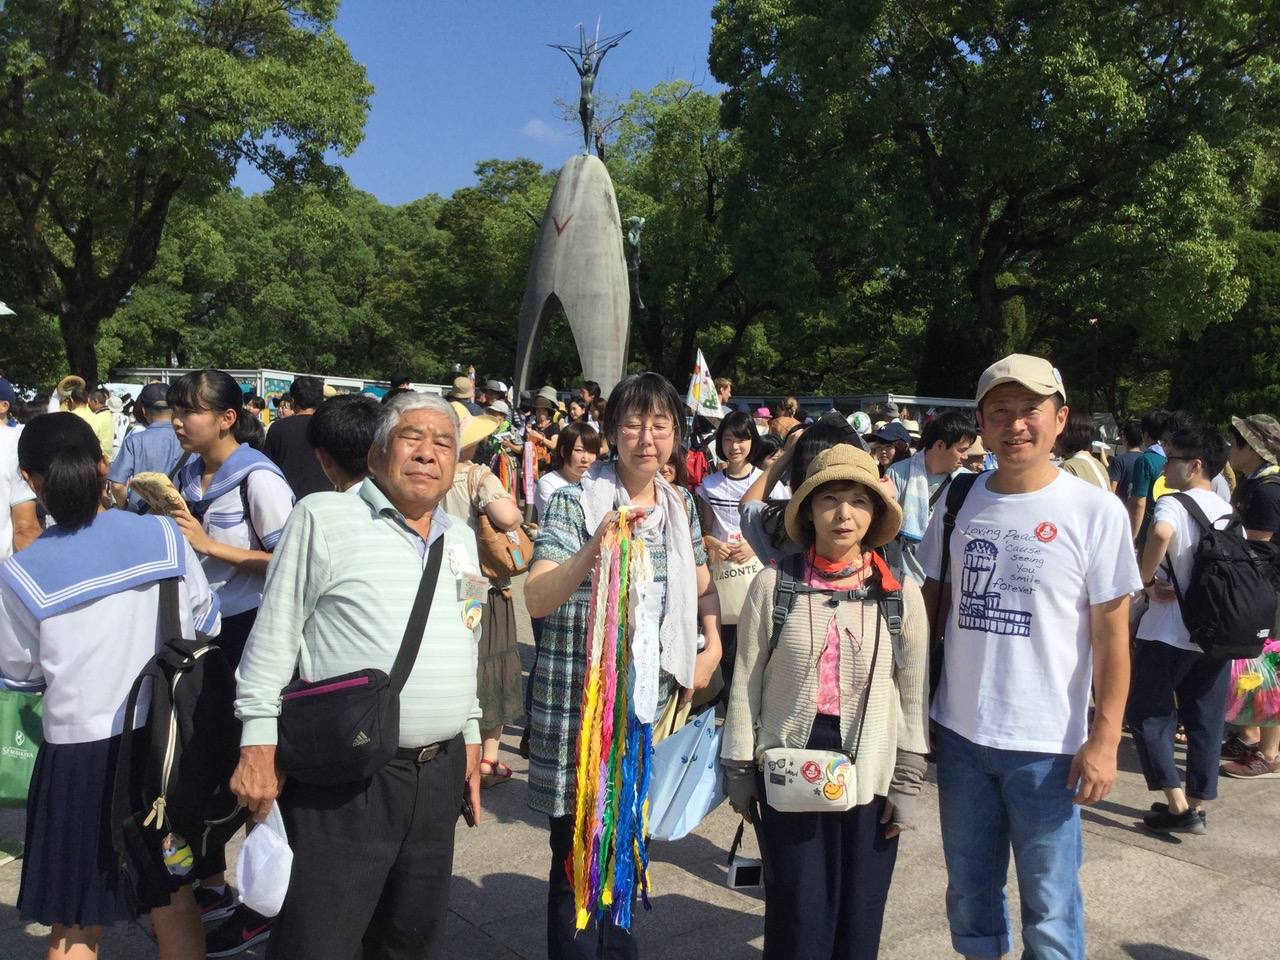 被爆73年を迎え、8月4日〜6日までの広島市での//原水爆世界大会に今年は村山大和支部から2名、//個人参加で1名の計3名が参加しました。//組合員の皆さんからのカンパ、ありがとうございました。/